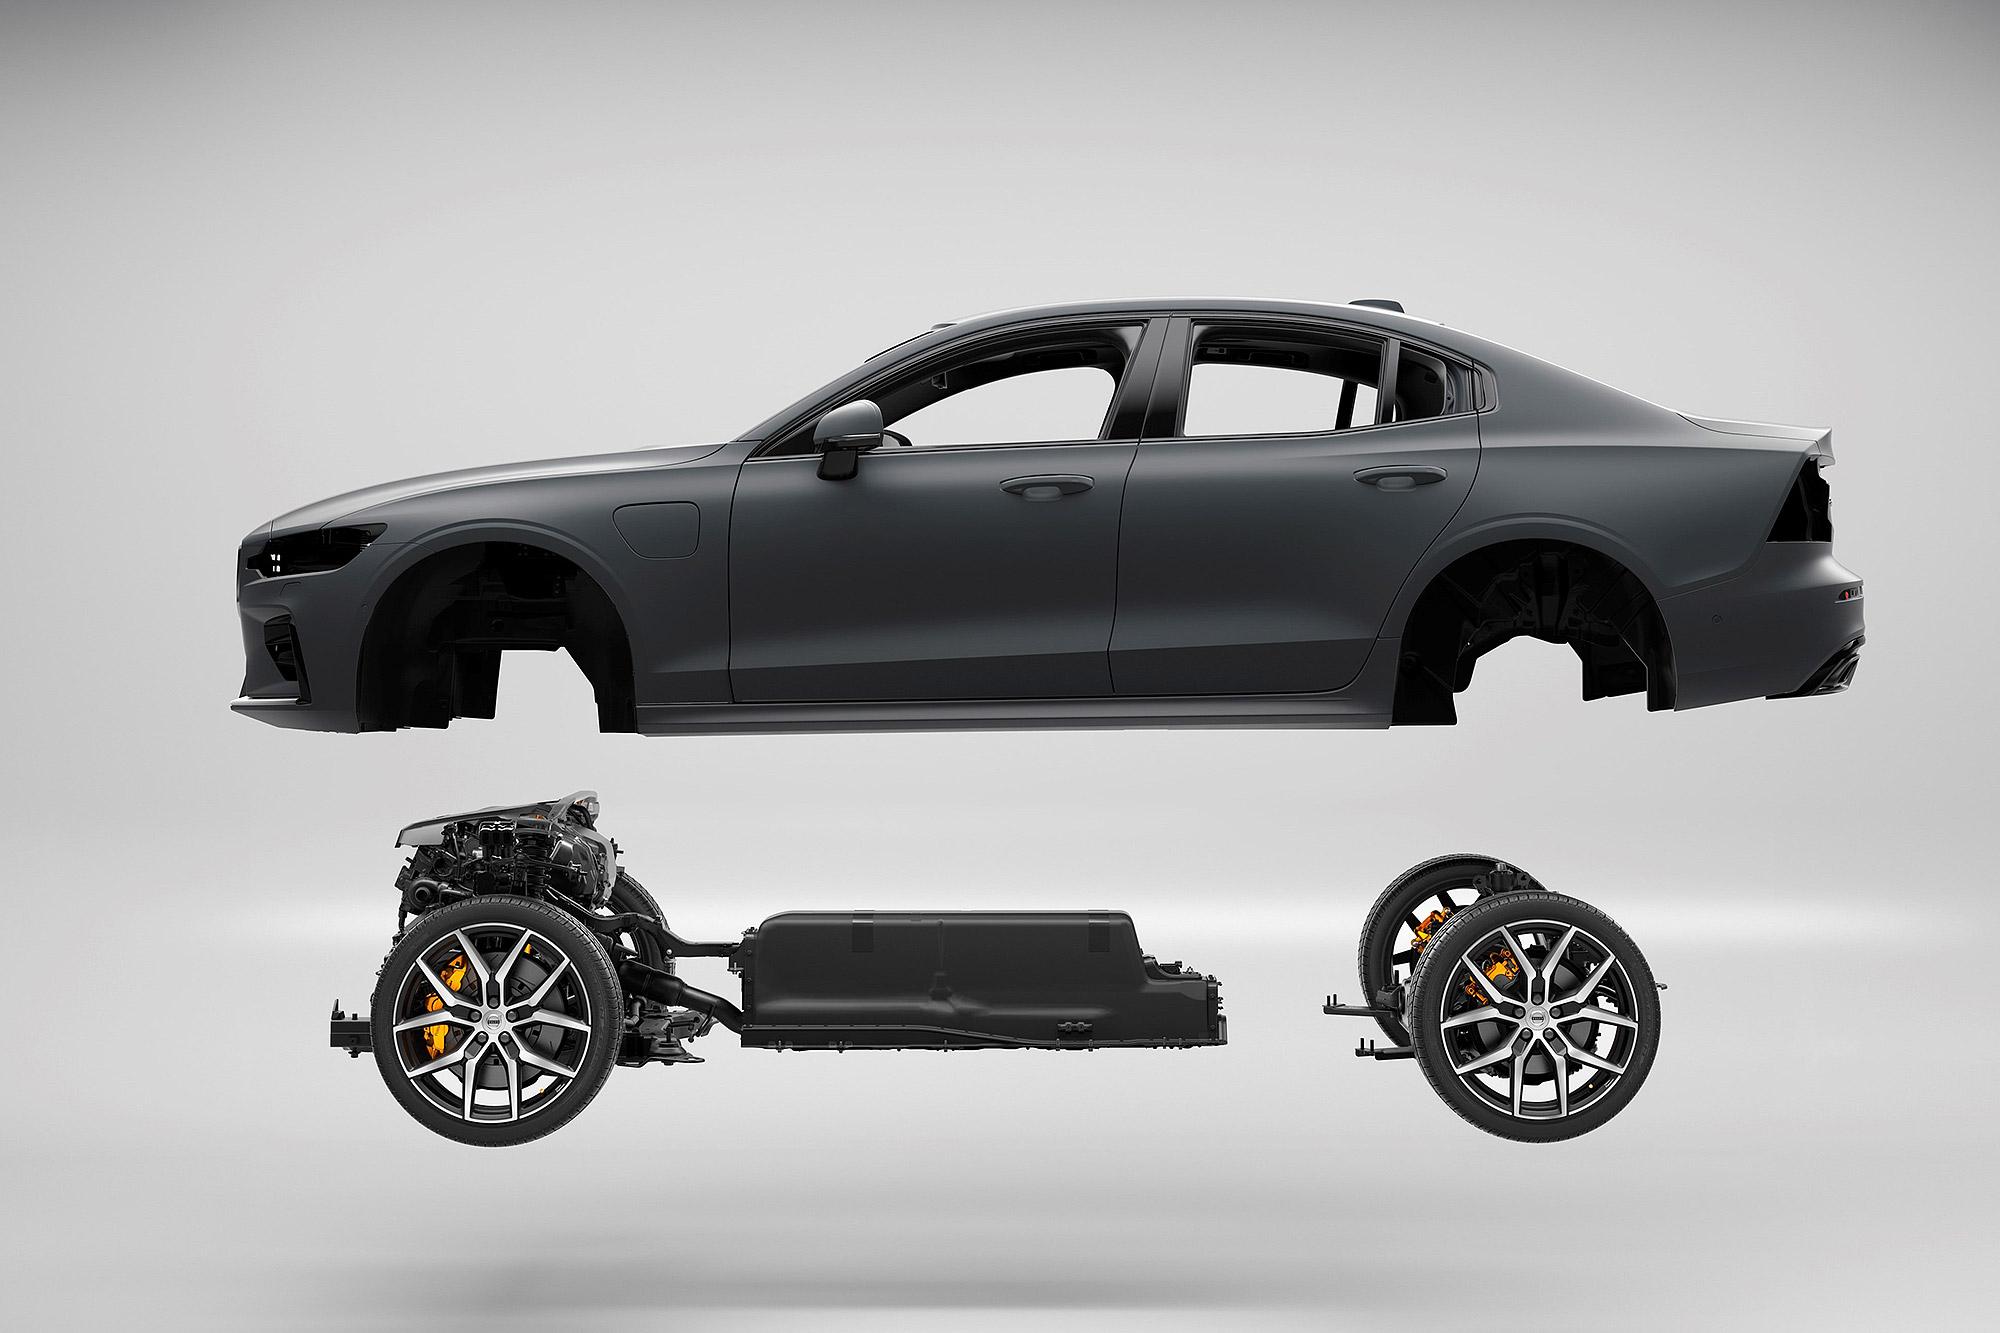 Volvo 的戰略,選擇把焦點所在純電動車普及前的過渡階段,以兼顧內燃機車款便利性與電動車使用特性的產品培養未來消費客群。